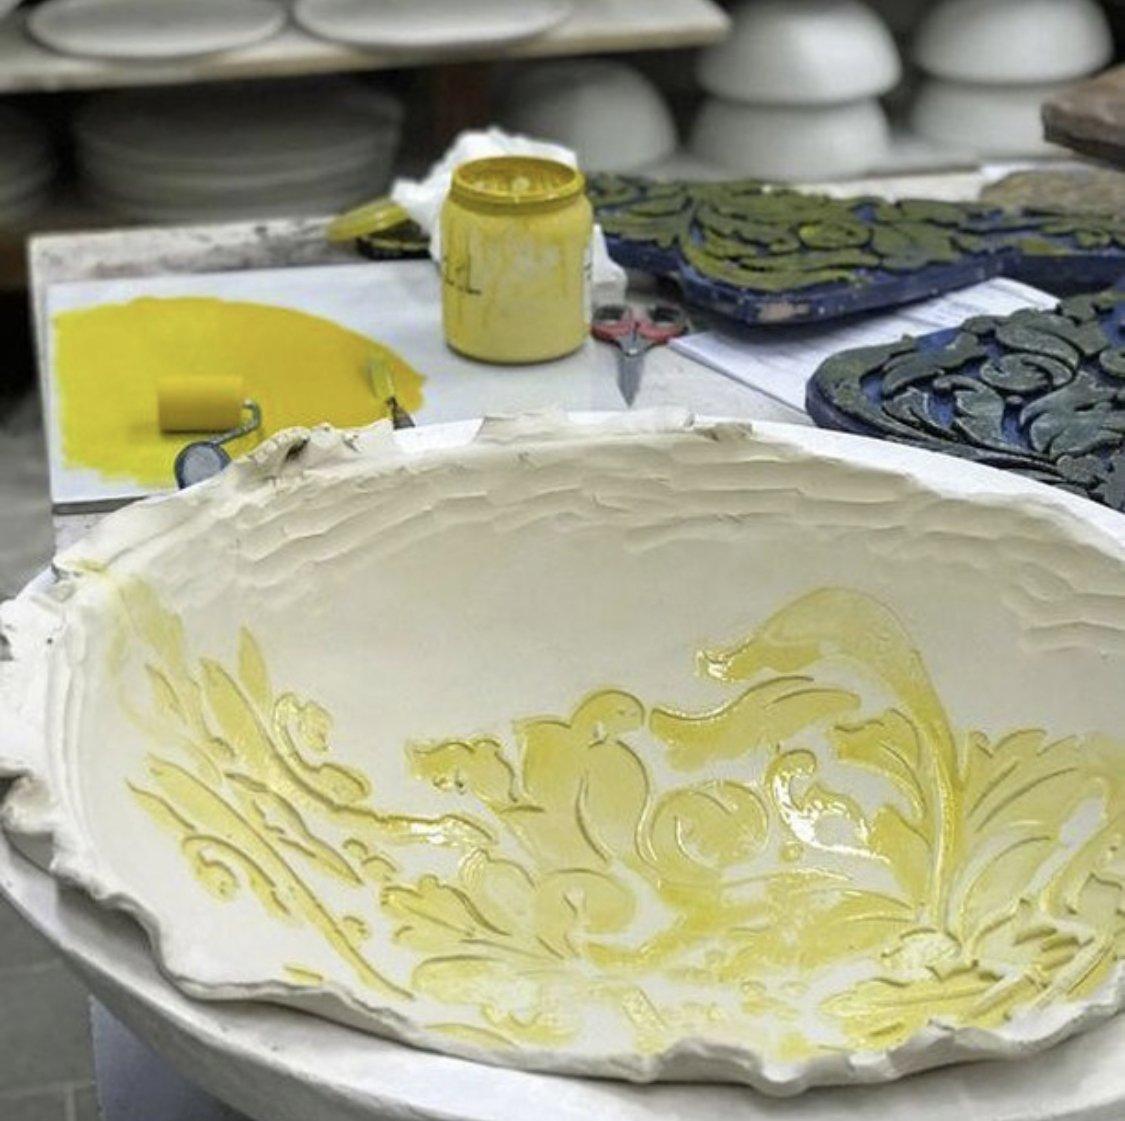 bespoke porcelain